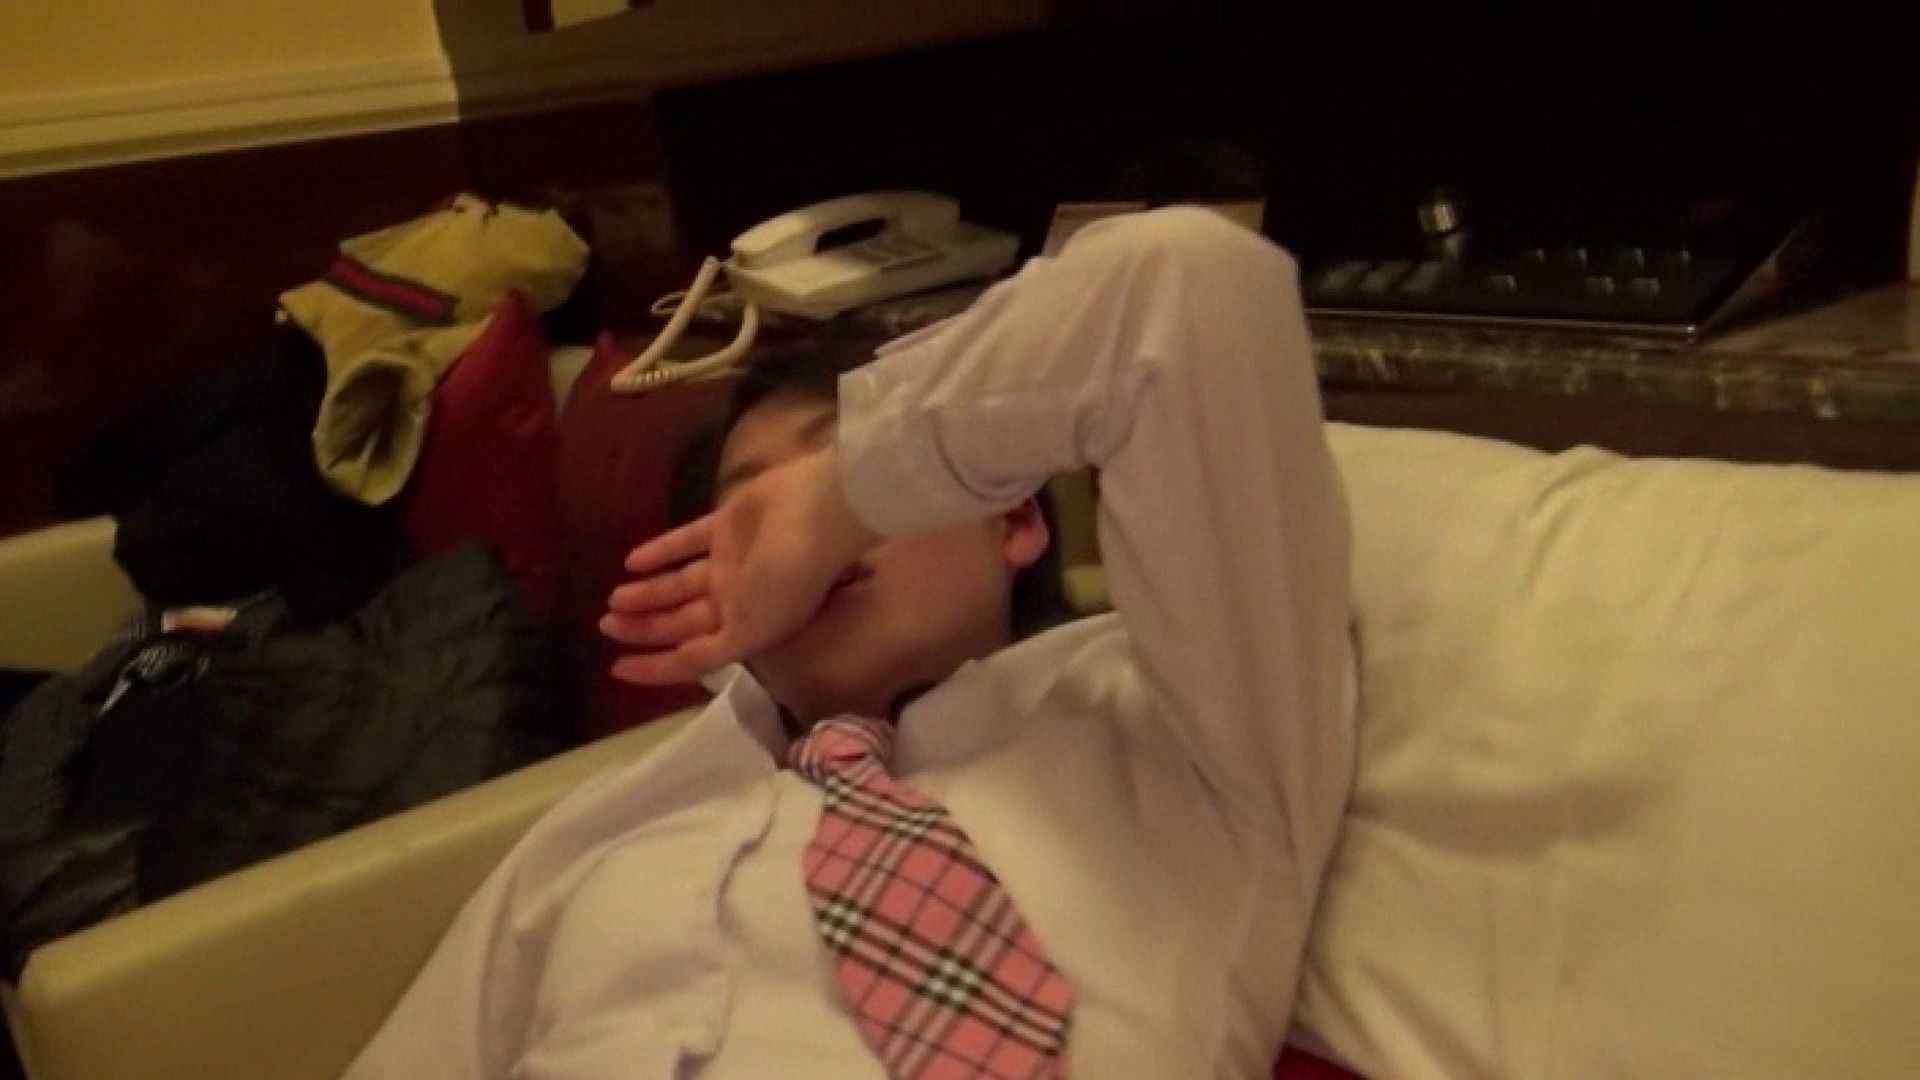 S級厳選美女ビッチガールVol.49 前編 ギャルのエロ動画   美女のヌード  72画像 17